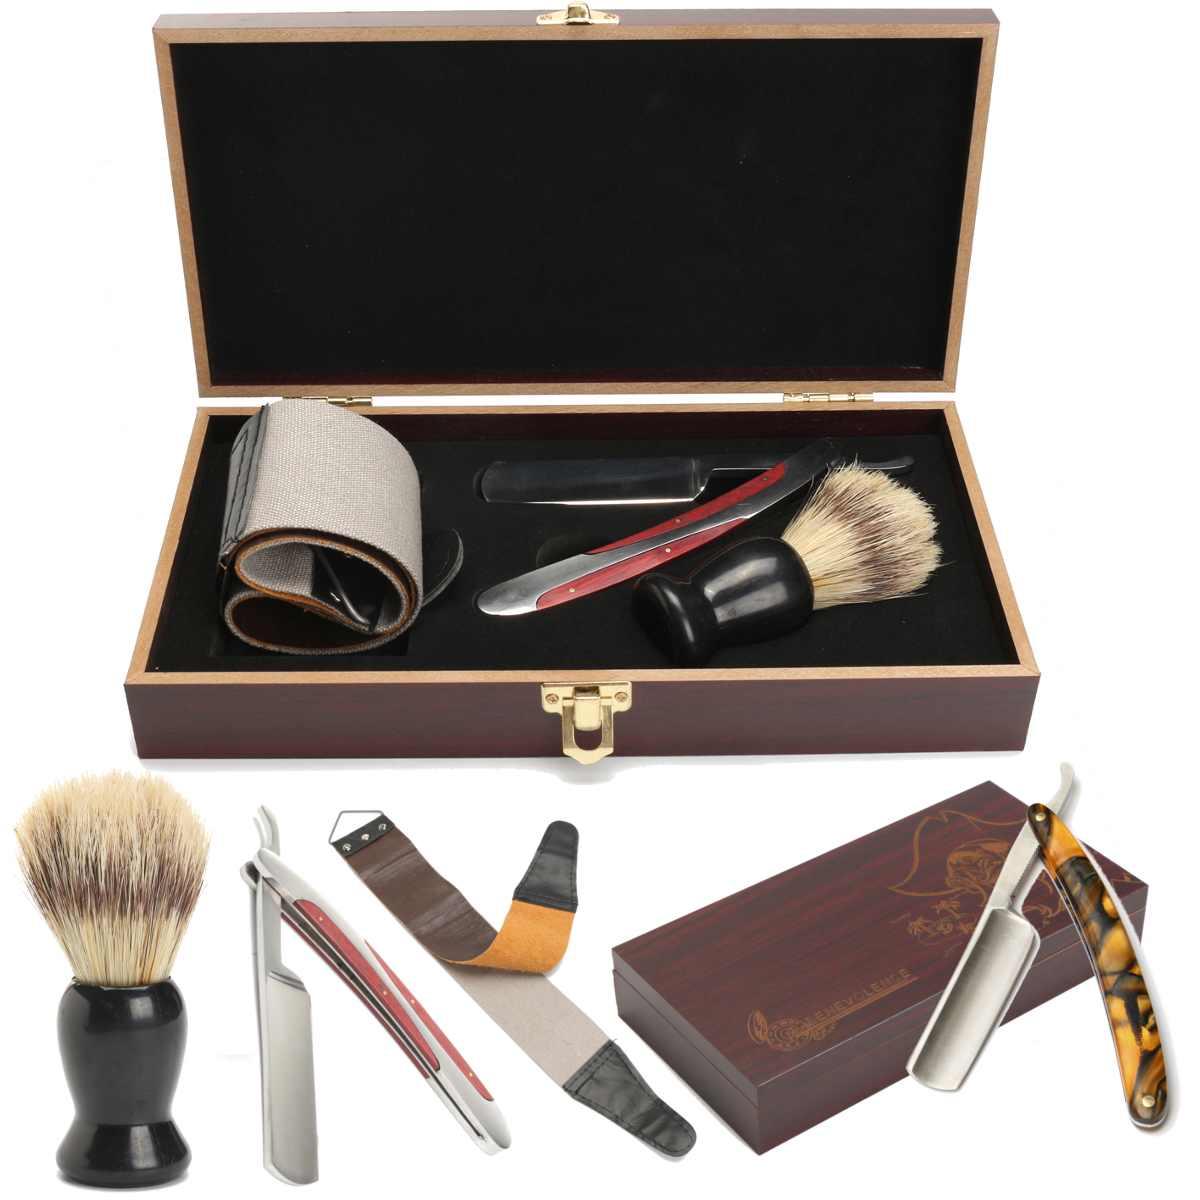 4 unids/set de Kits de afeitadora Manual Vintage con caja de madera regalos soporte de barbero cuchillo de afeitar plegable afeitado cortador de barba DIY, reloj gigante de pared para barbería, con efecto espejo, kits de herramientas para peluquero, reloj decorativo sin marco, reloj, peluquería, arte de pared para peluquero